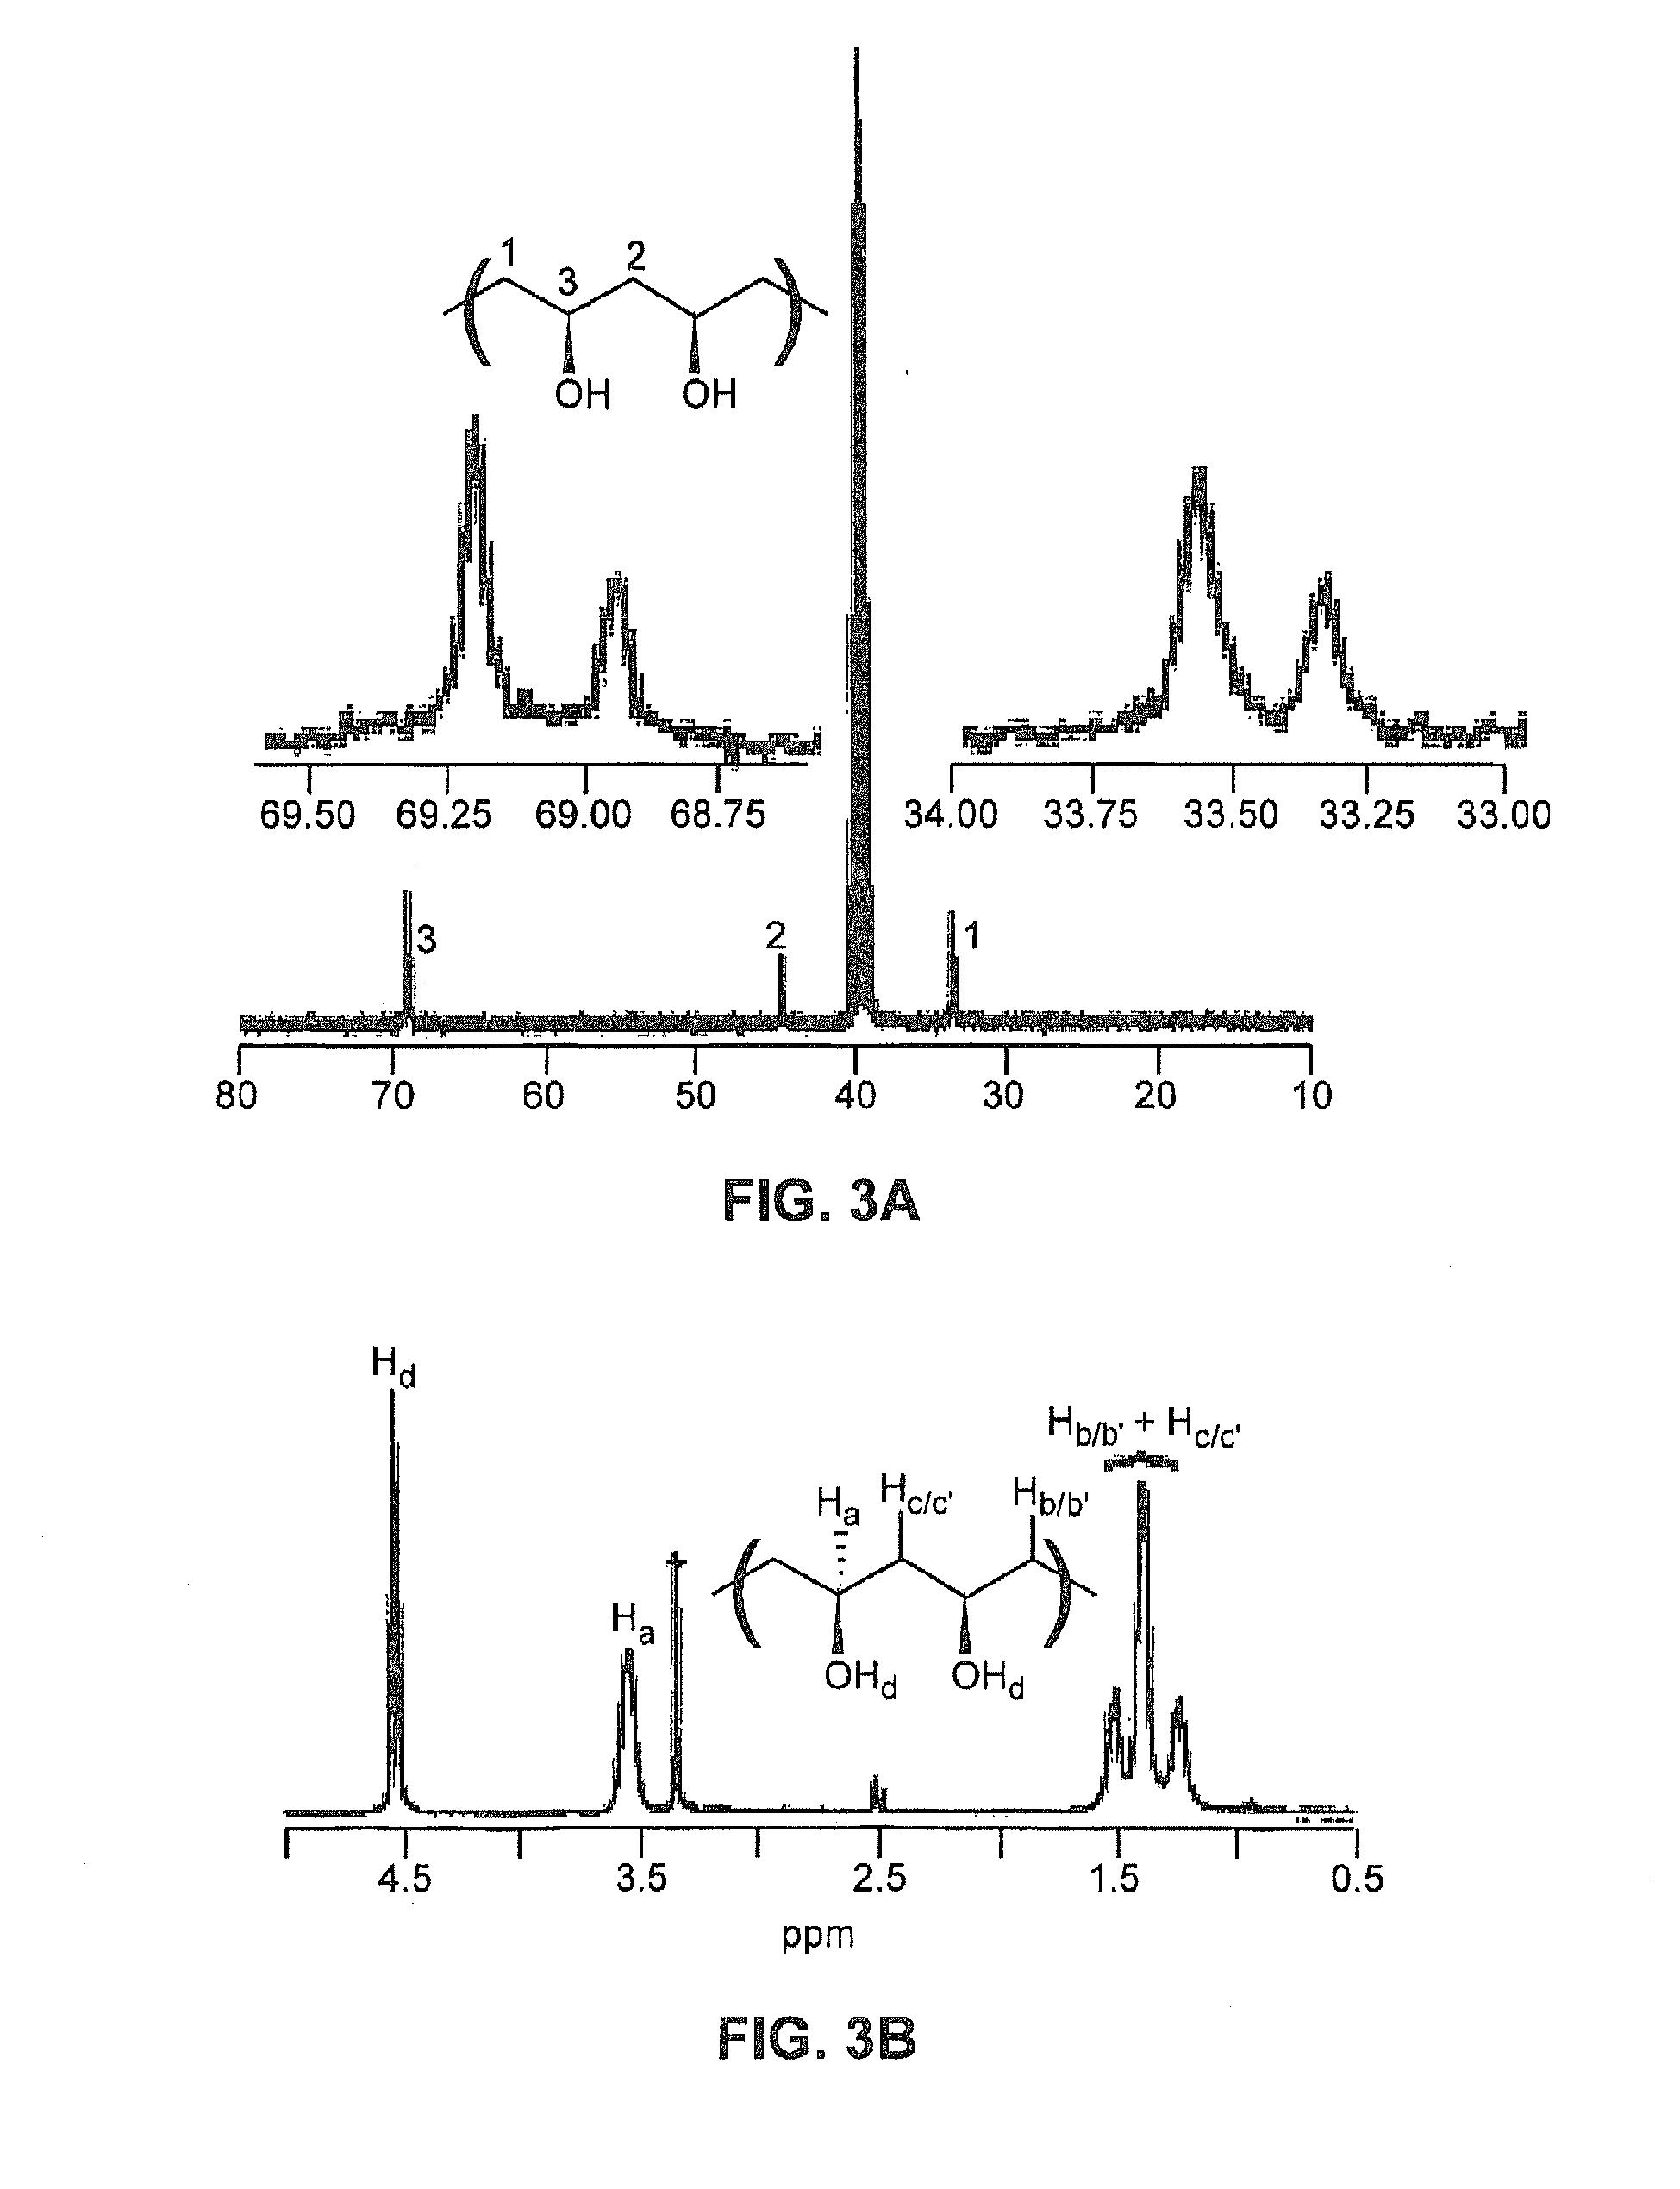 ring opening metathesis polymerisation mechanism Discusses ring-opening metathesis polymerization (romp) part of an organometallic hypertext.